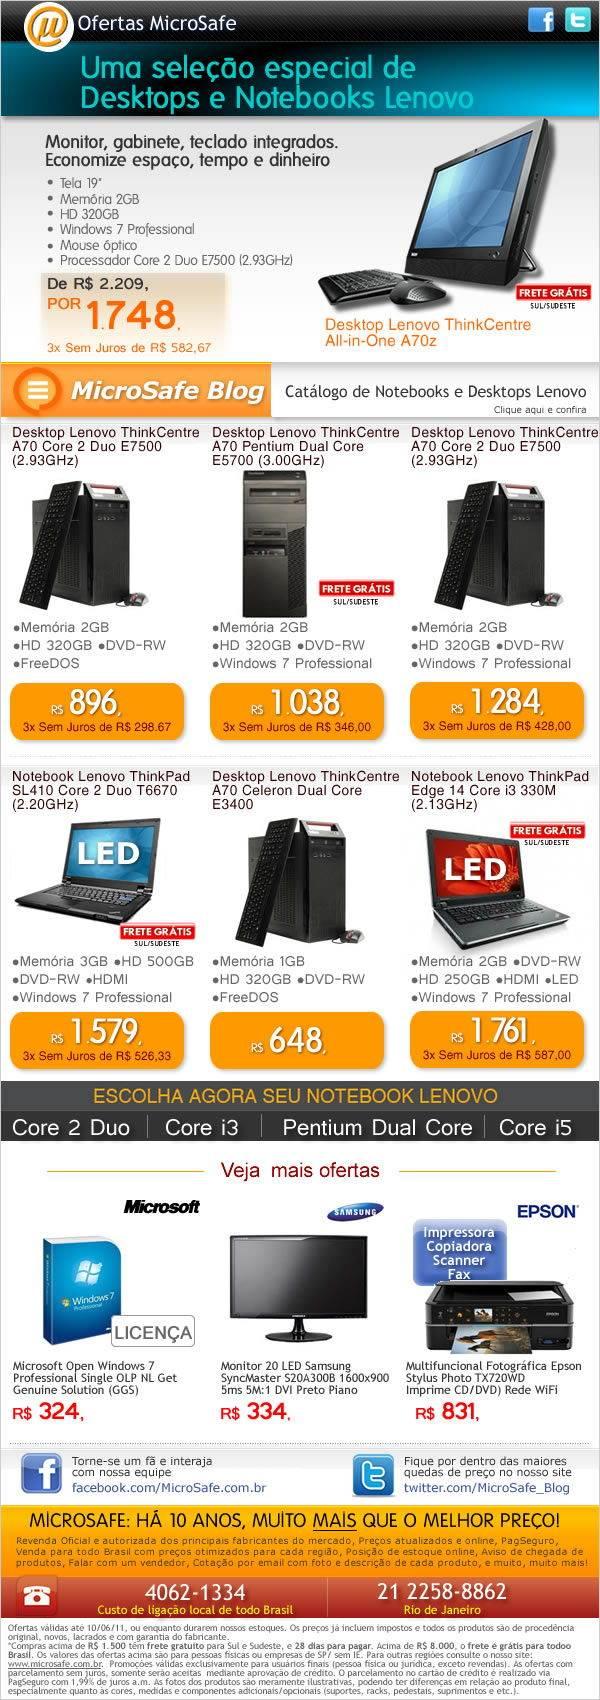 Uma selecao de desktops e notebooks Lenovo